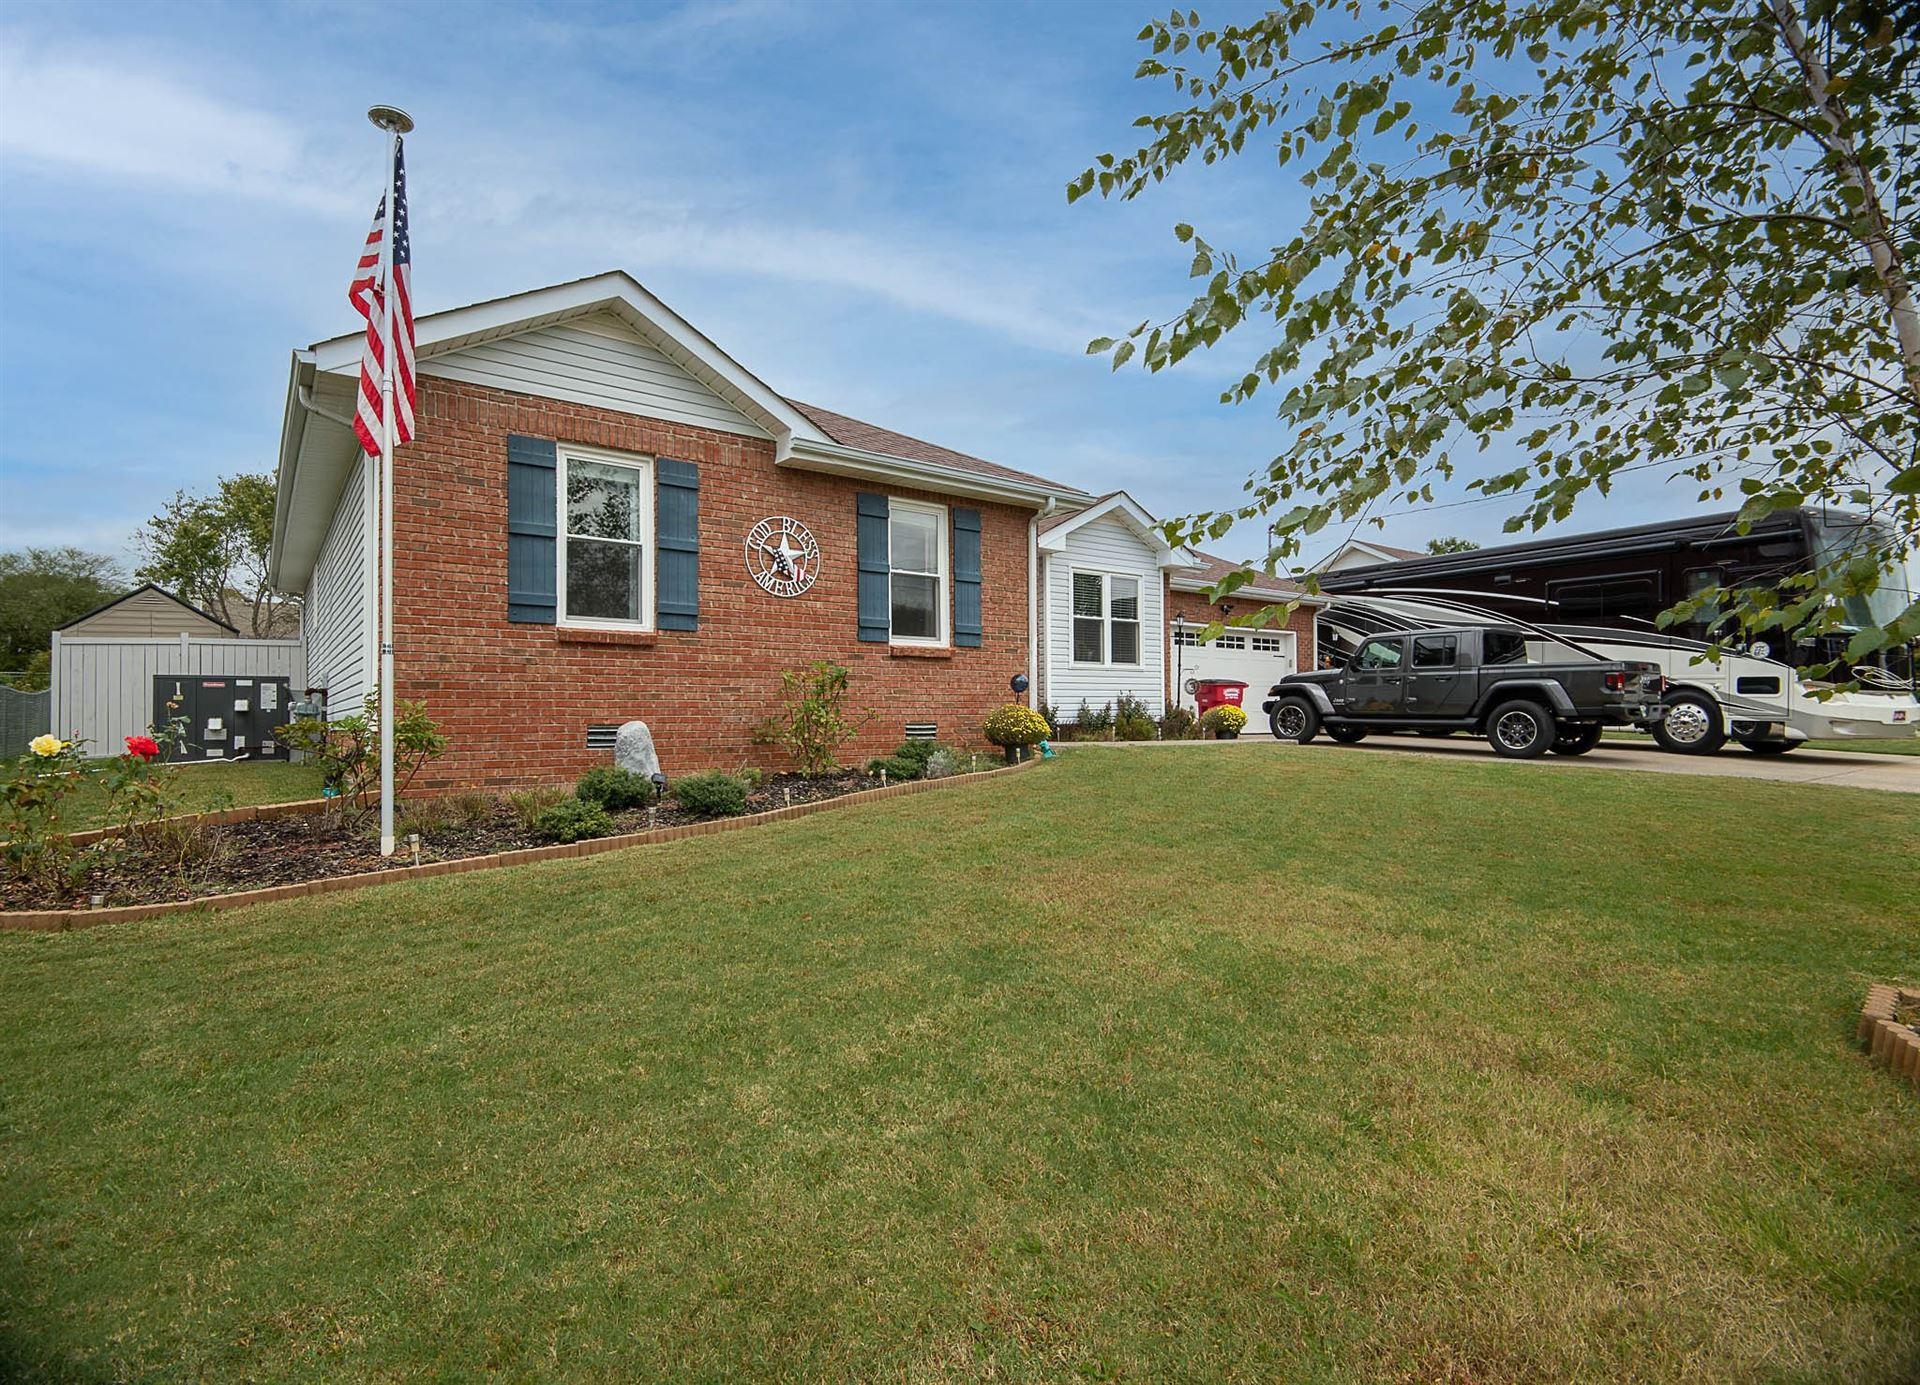 309 Atlantic Blvd, Clarksville, TN 37040 - MLS#: 2302483